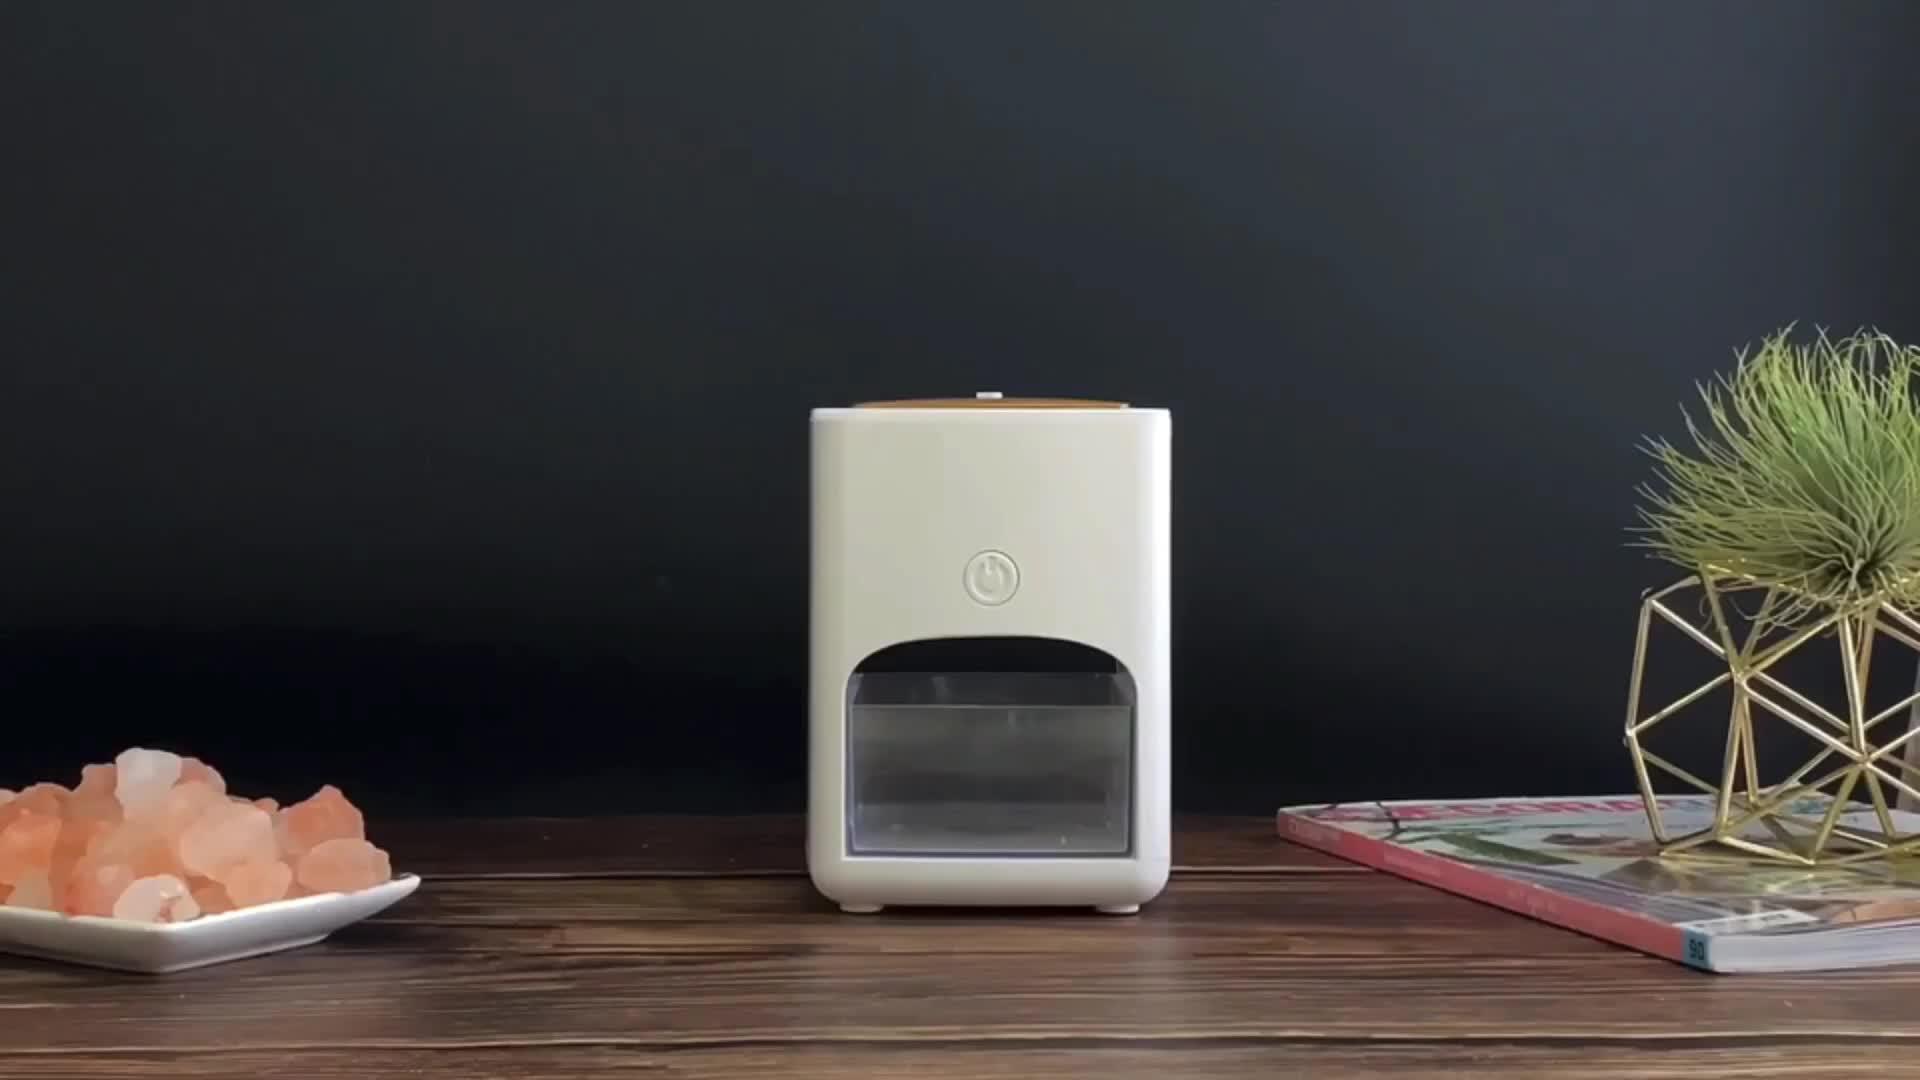 Venta caliente 2 en 1 lámpara de sal del Himalaya y 150ml 7 colores LED Luz de aceite esencial ultrasónico difusor de Aroma